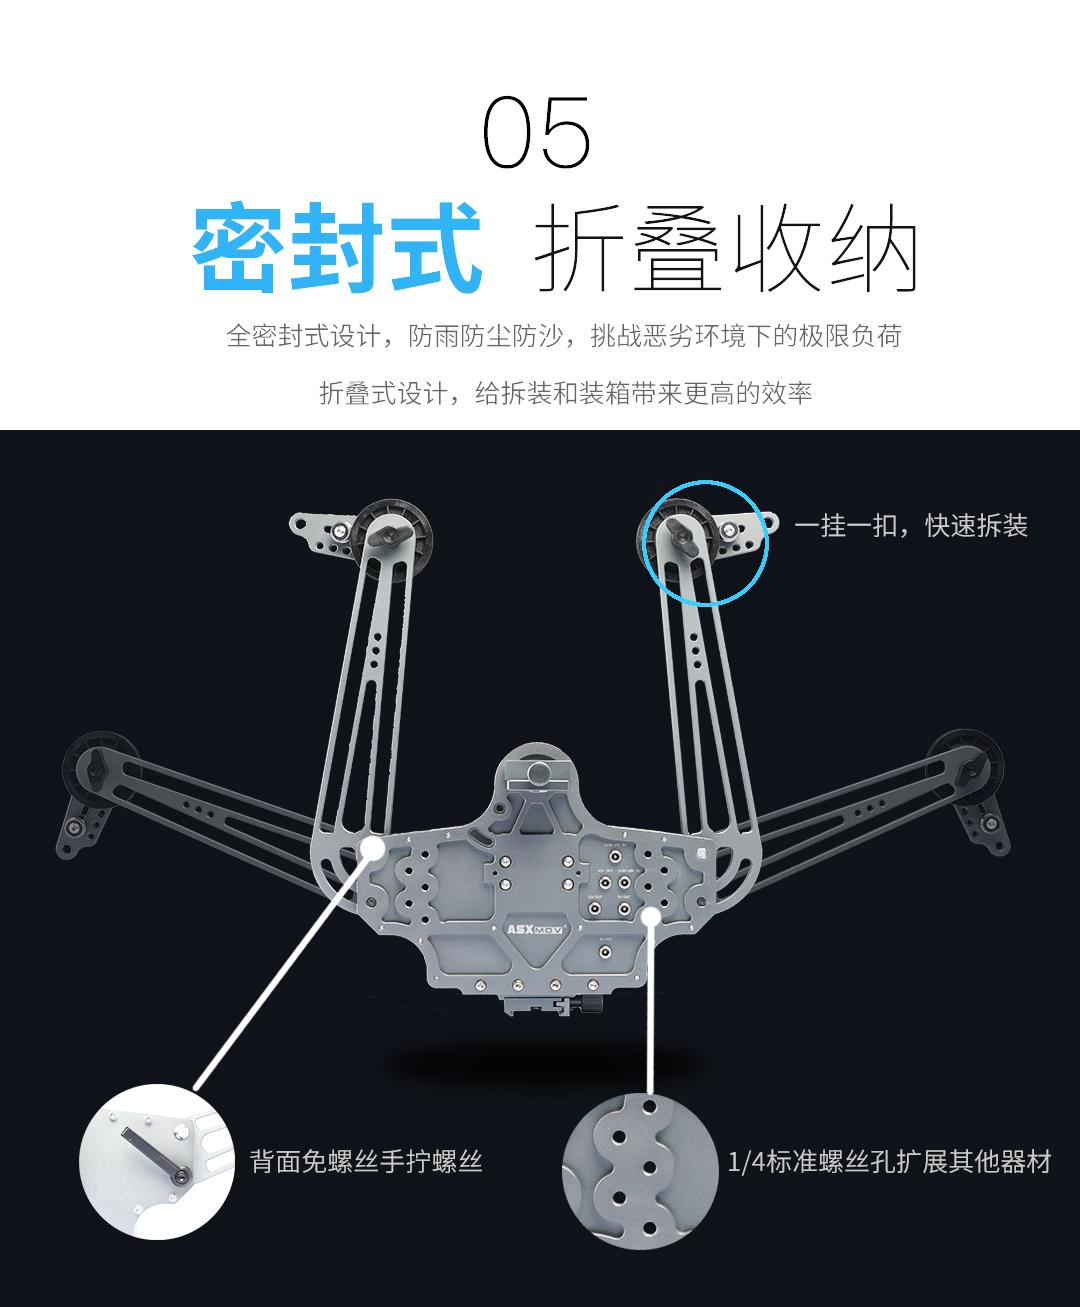 索道拍摄系统-中文版2018.11_13.jpg